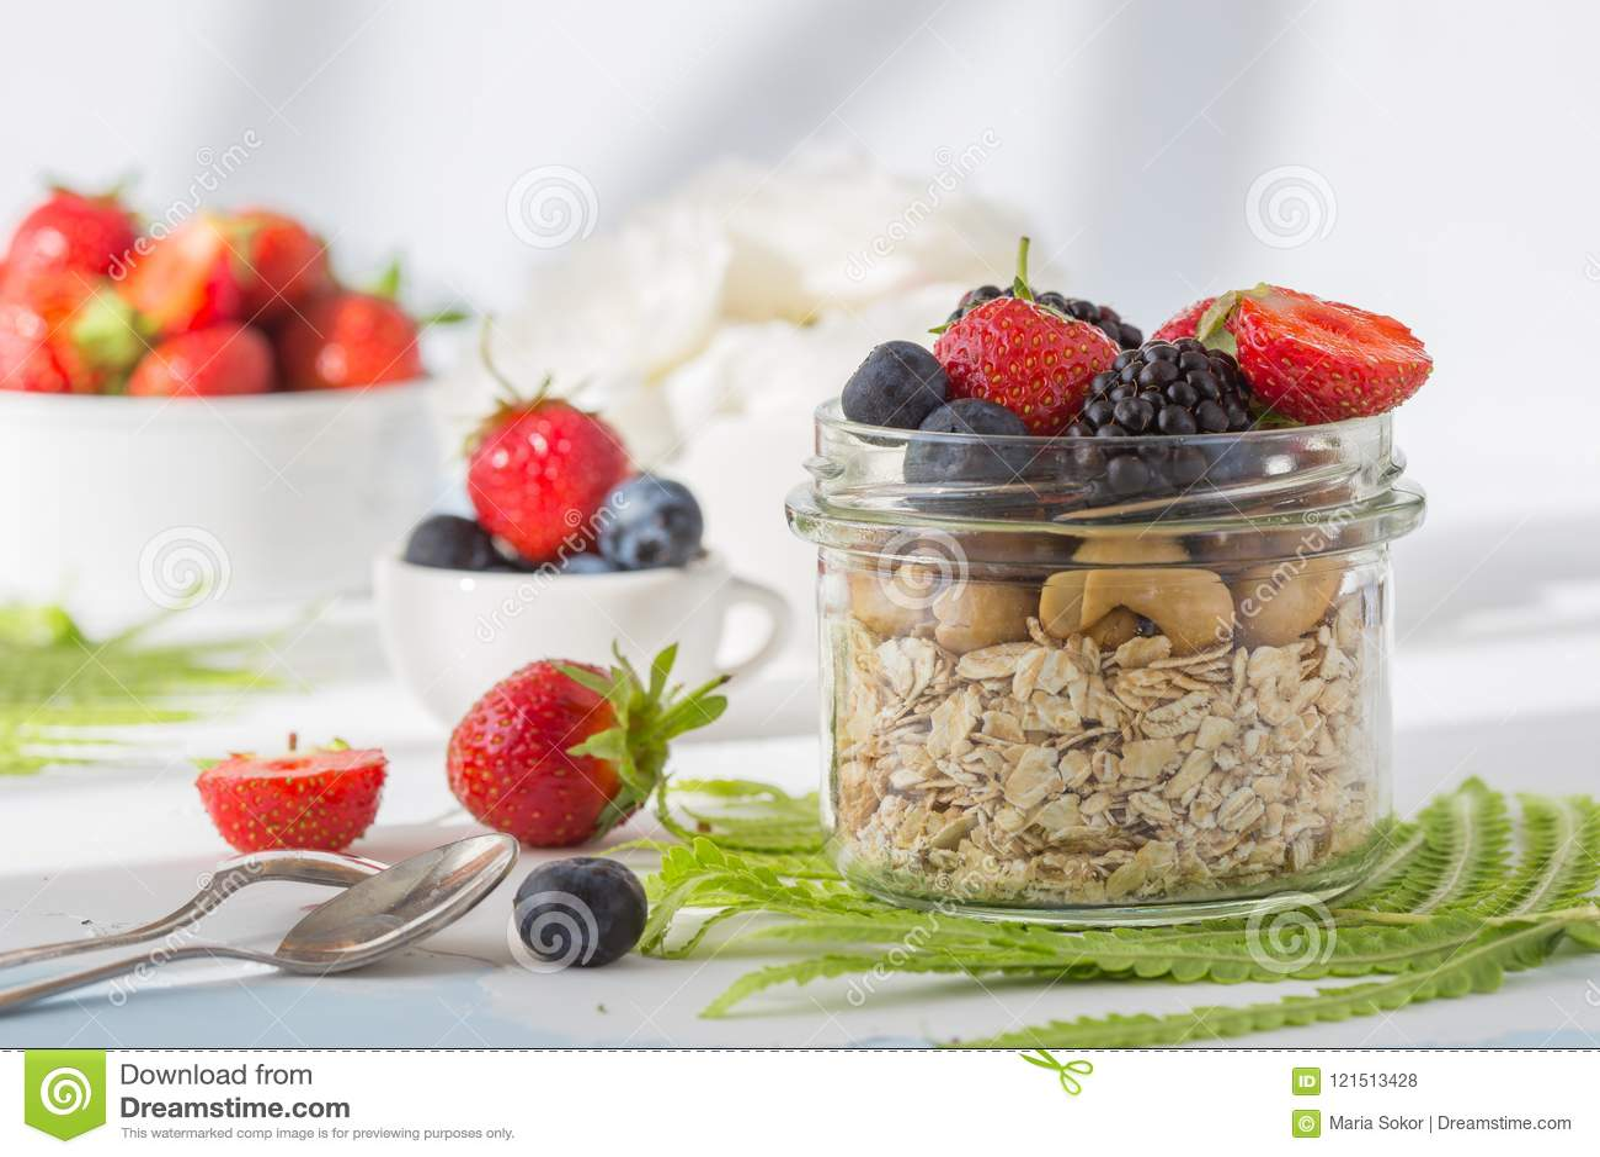 Υγιής έννοια δημητριακών τροφίμων προγευμάτων έξοχη με τους νωπούς καρπούς, το granola, το γιαούρτι, τα καρύδια και το σιτάρι γύρ